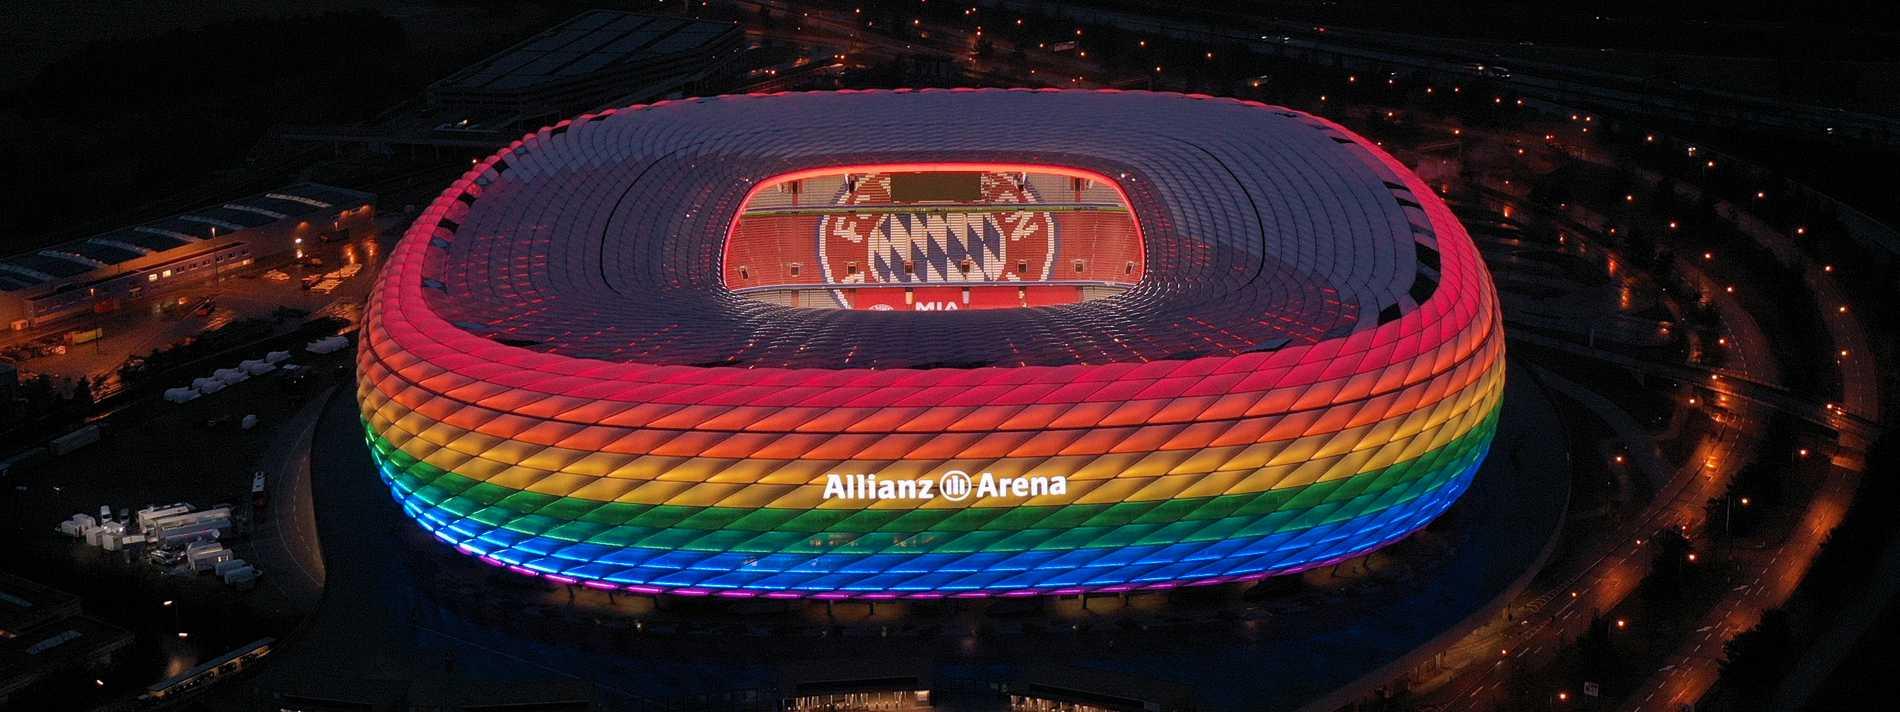 Arrangören ville lysa upp hela Allianz Arena i regnbågens färger till den avslutande gruppspelsmatchen mellan Tyskland och Ungern men fick nej av Uefa.